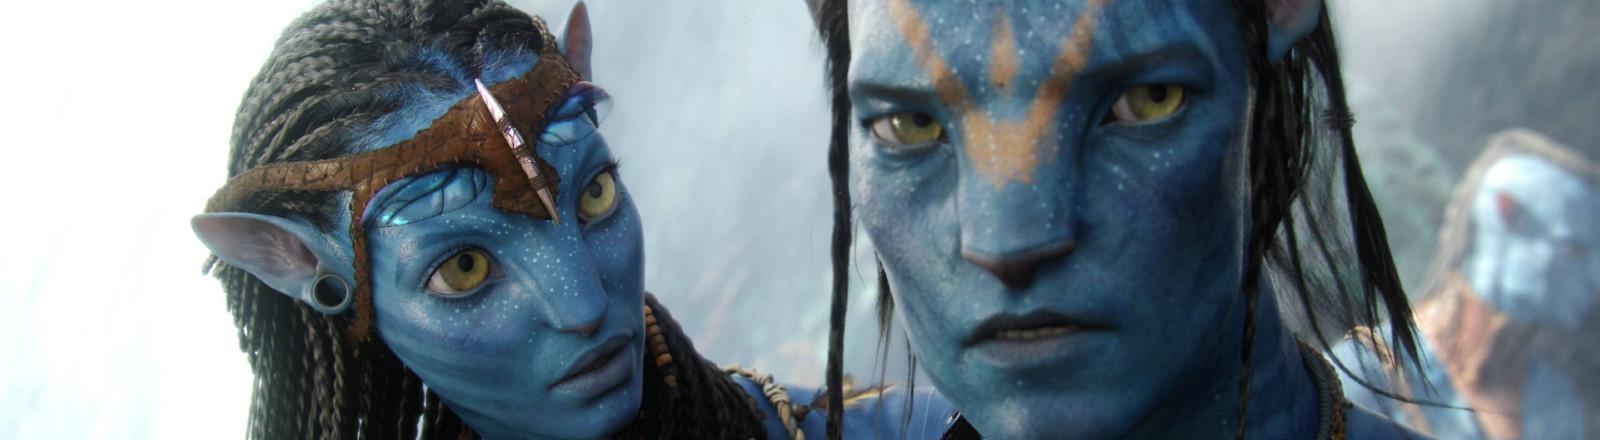 """Filmszene """"Avatar"""""""